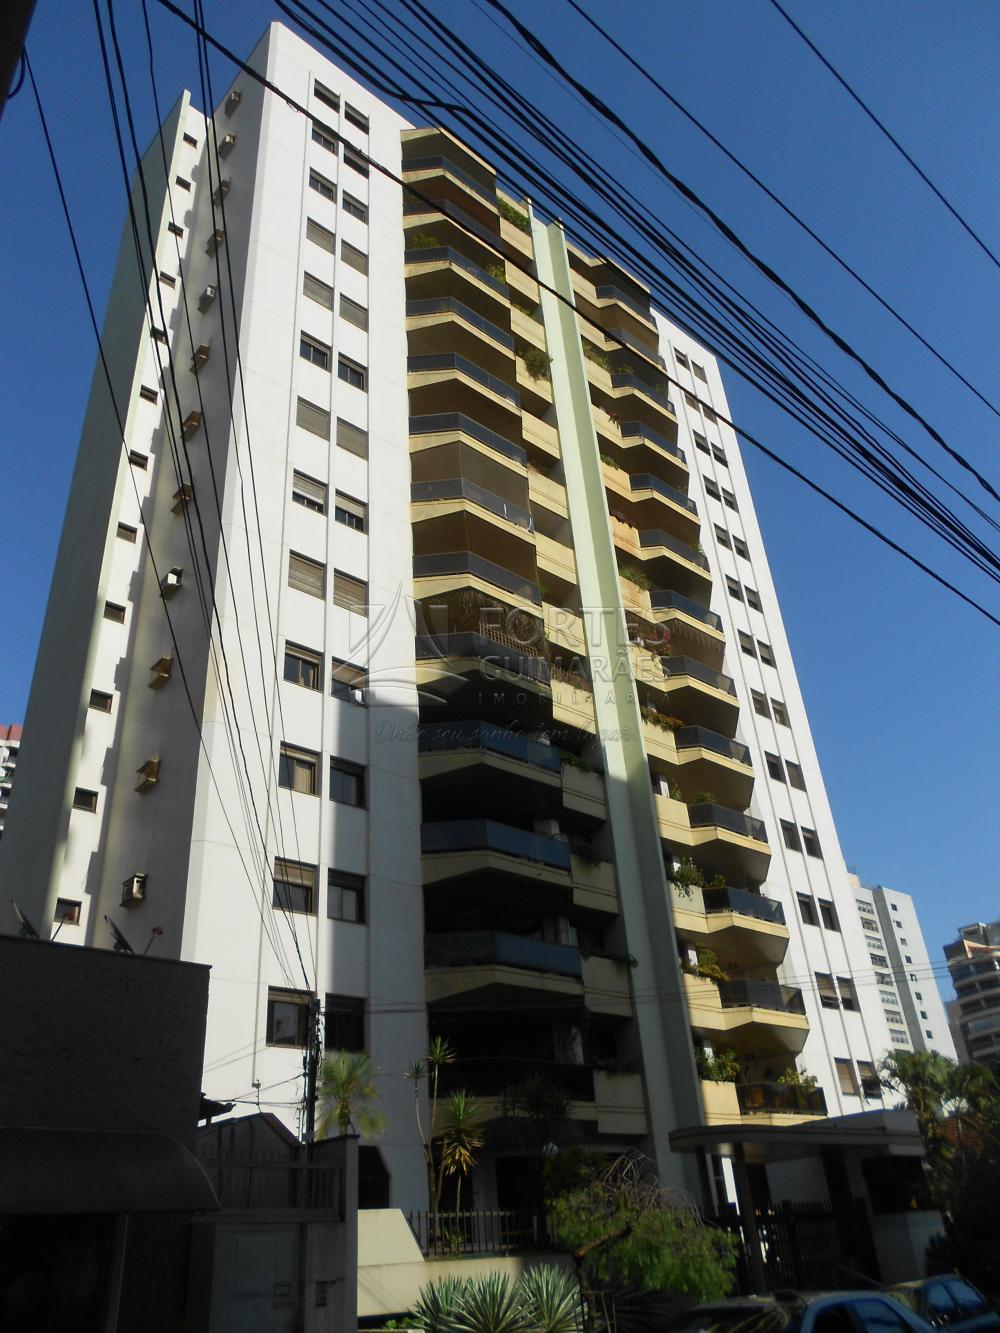 Alugar Apartamentos / Padrão em Ribeirão Preto apenas R$ 1.250,00 - Foto 57